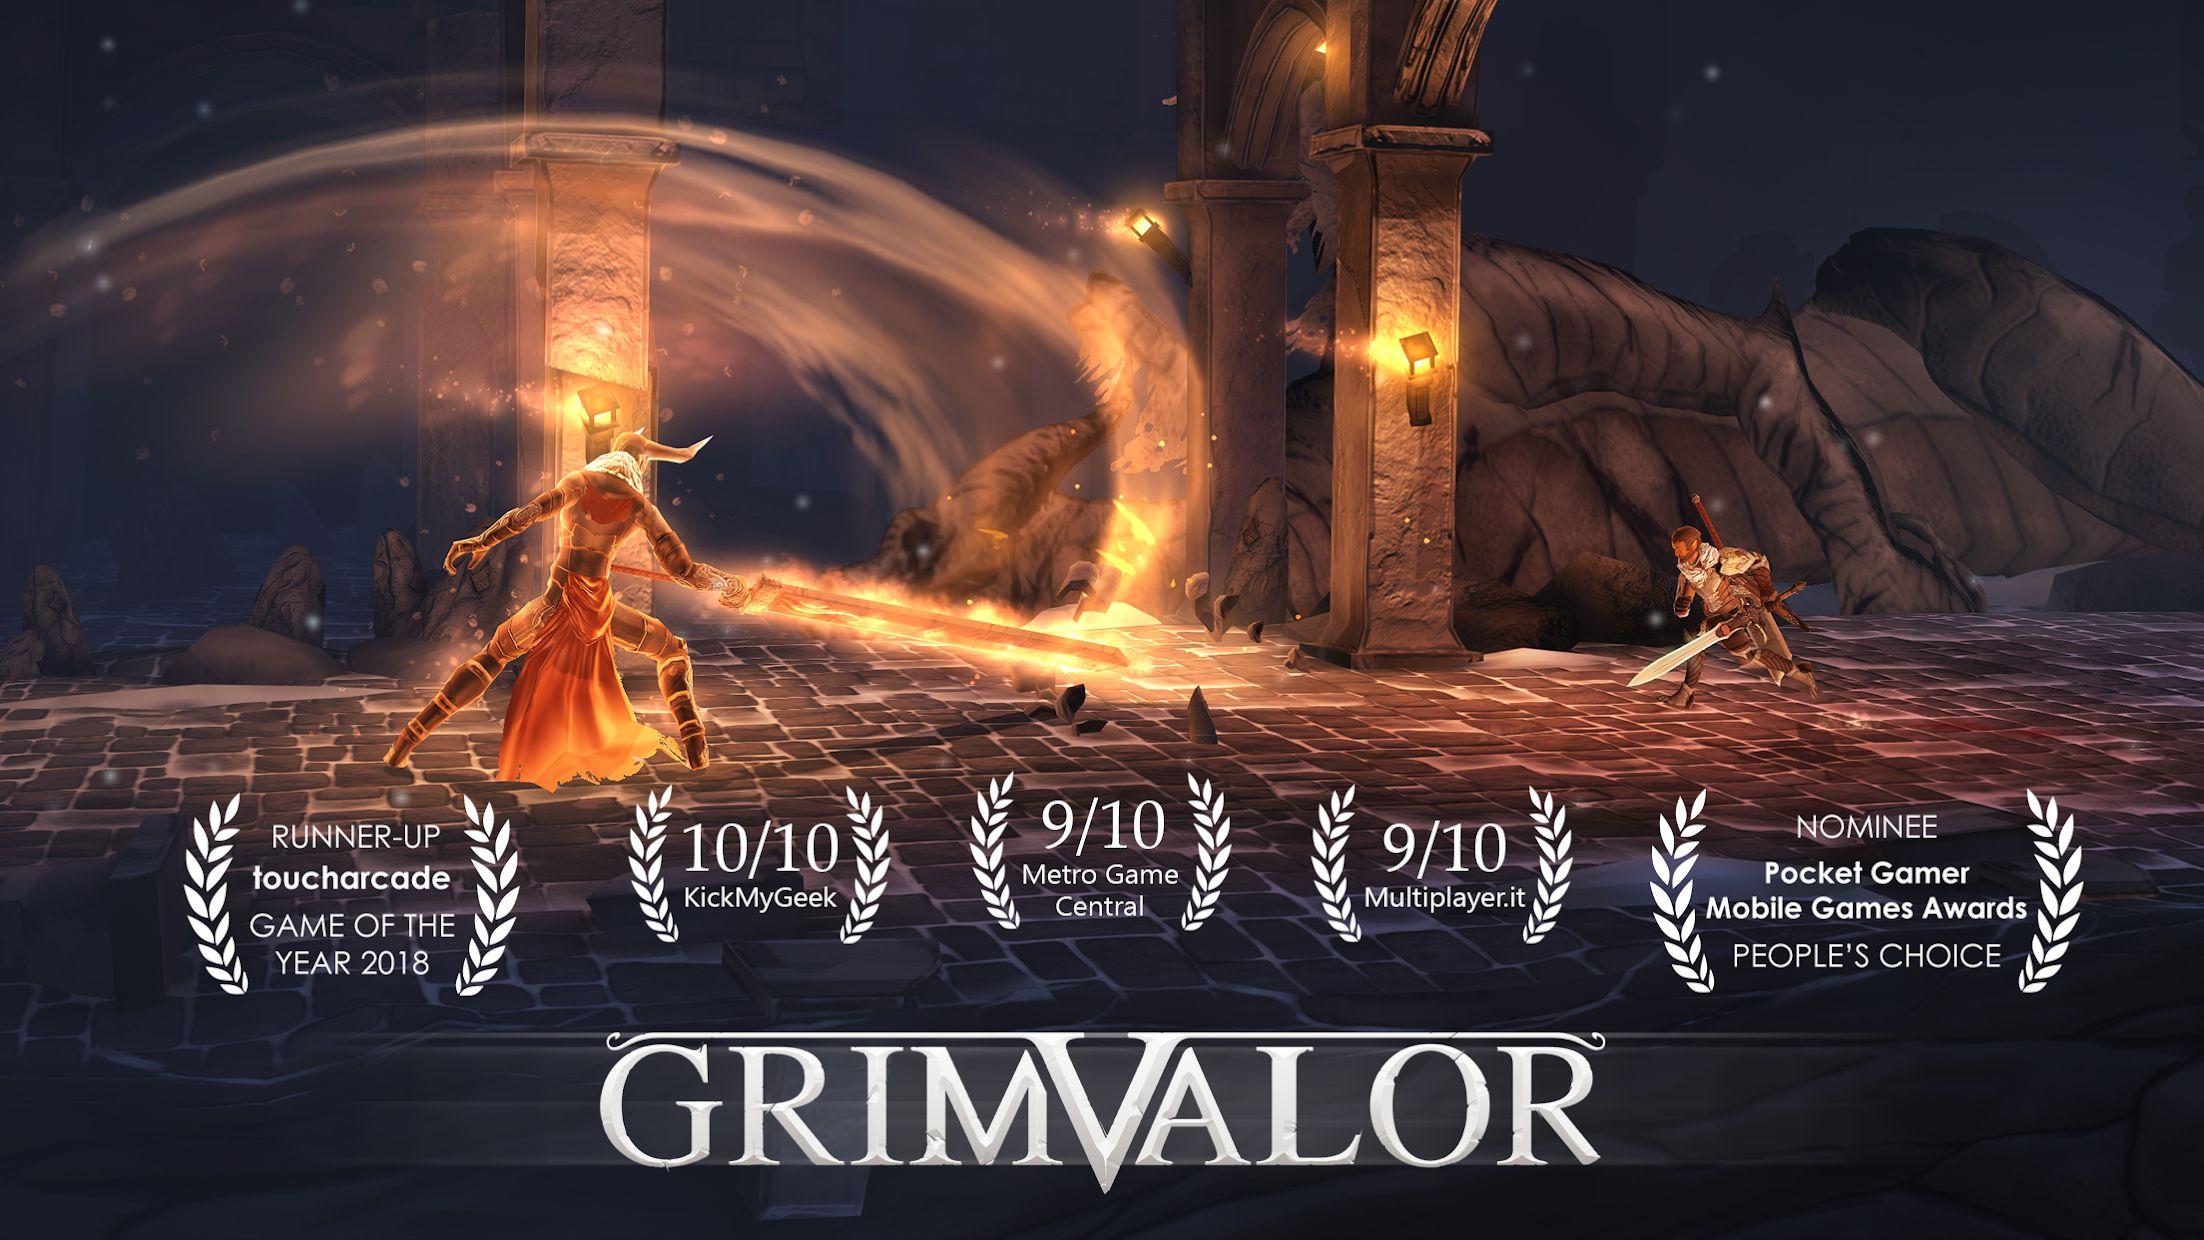 原界之罪 Grimvalor(国际服) 游戏截图1